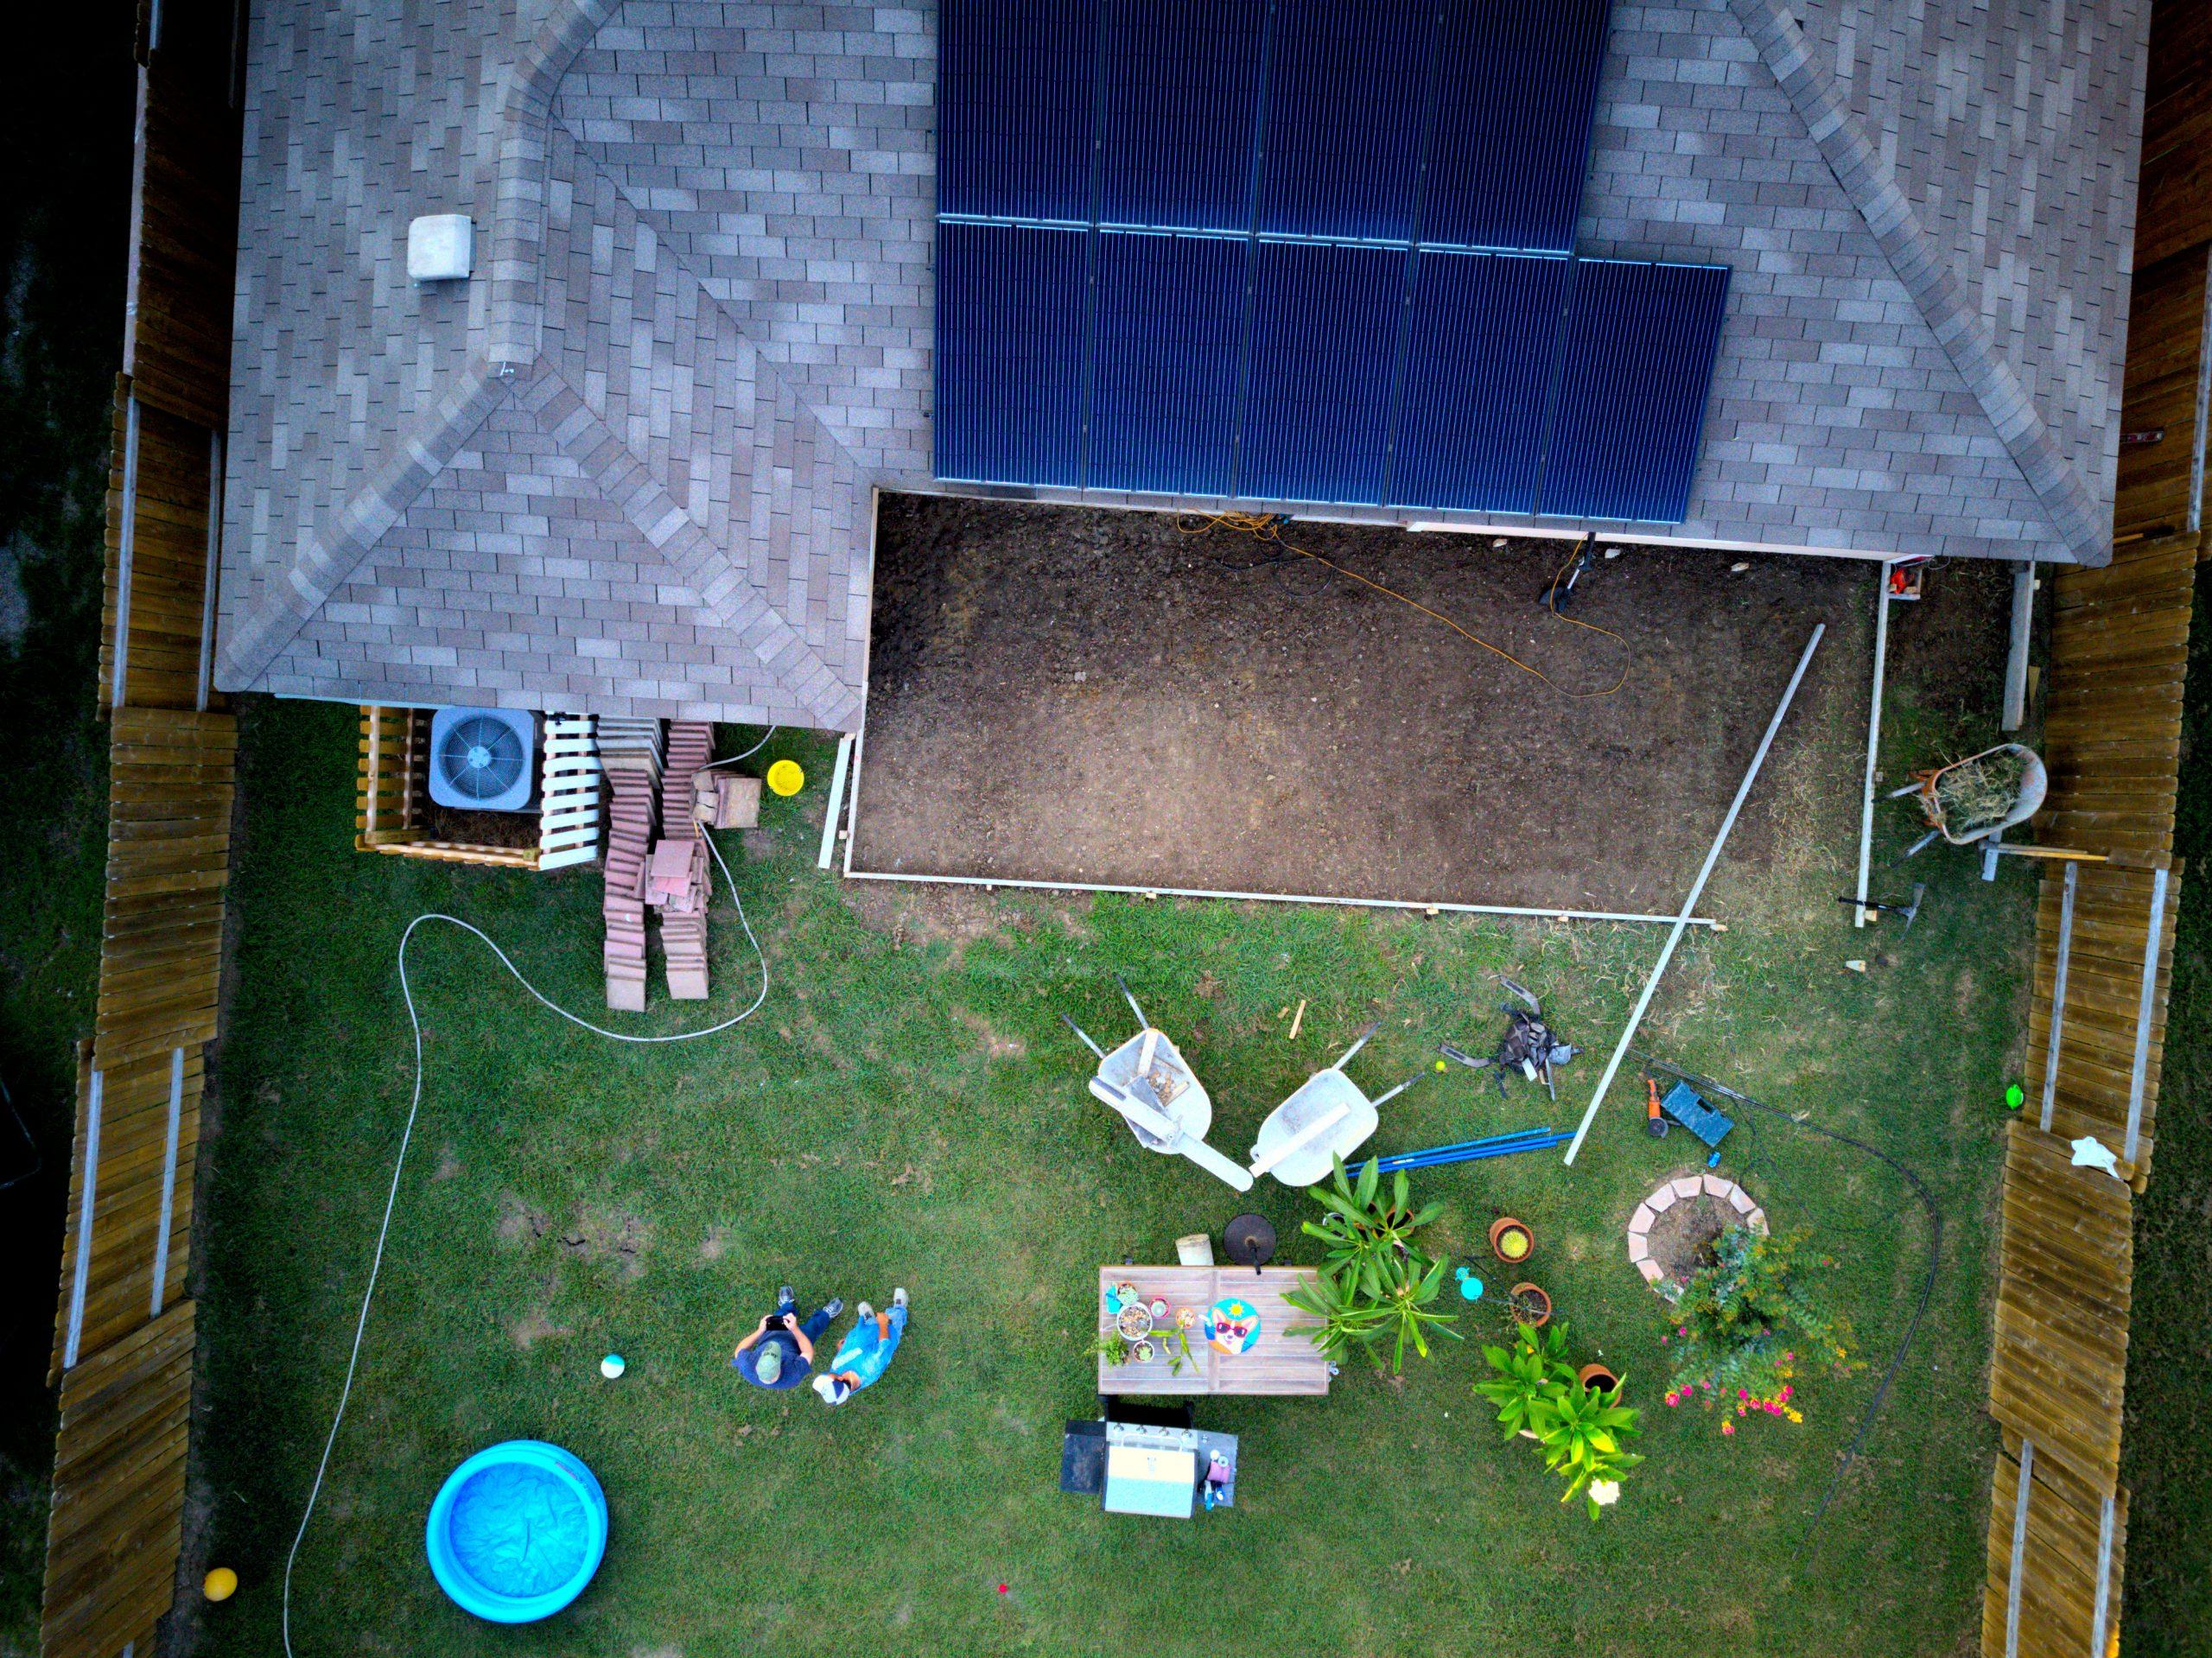 Porch Pre-Concrete Pour